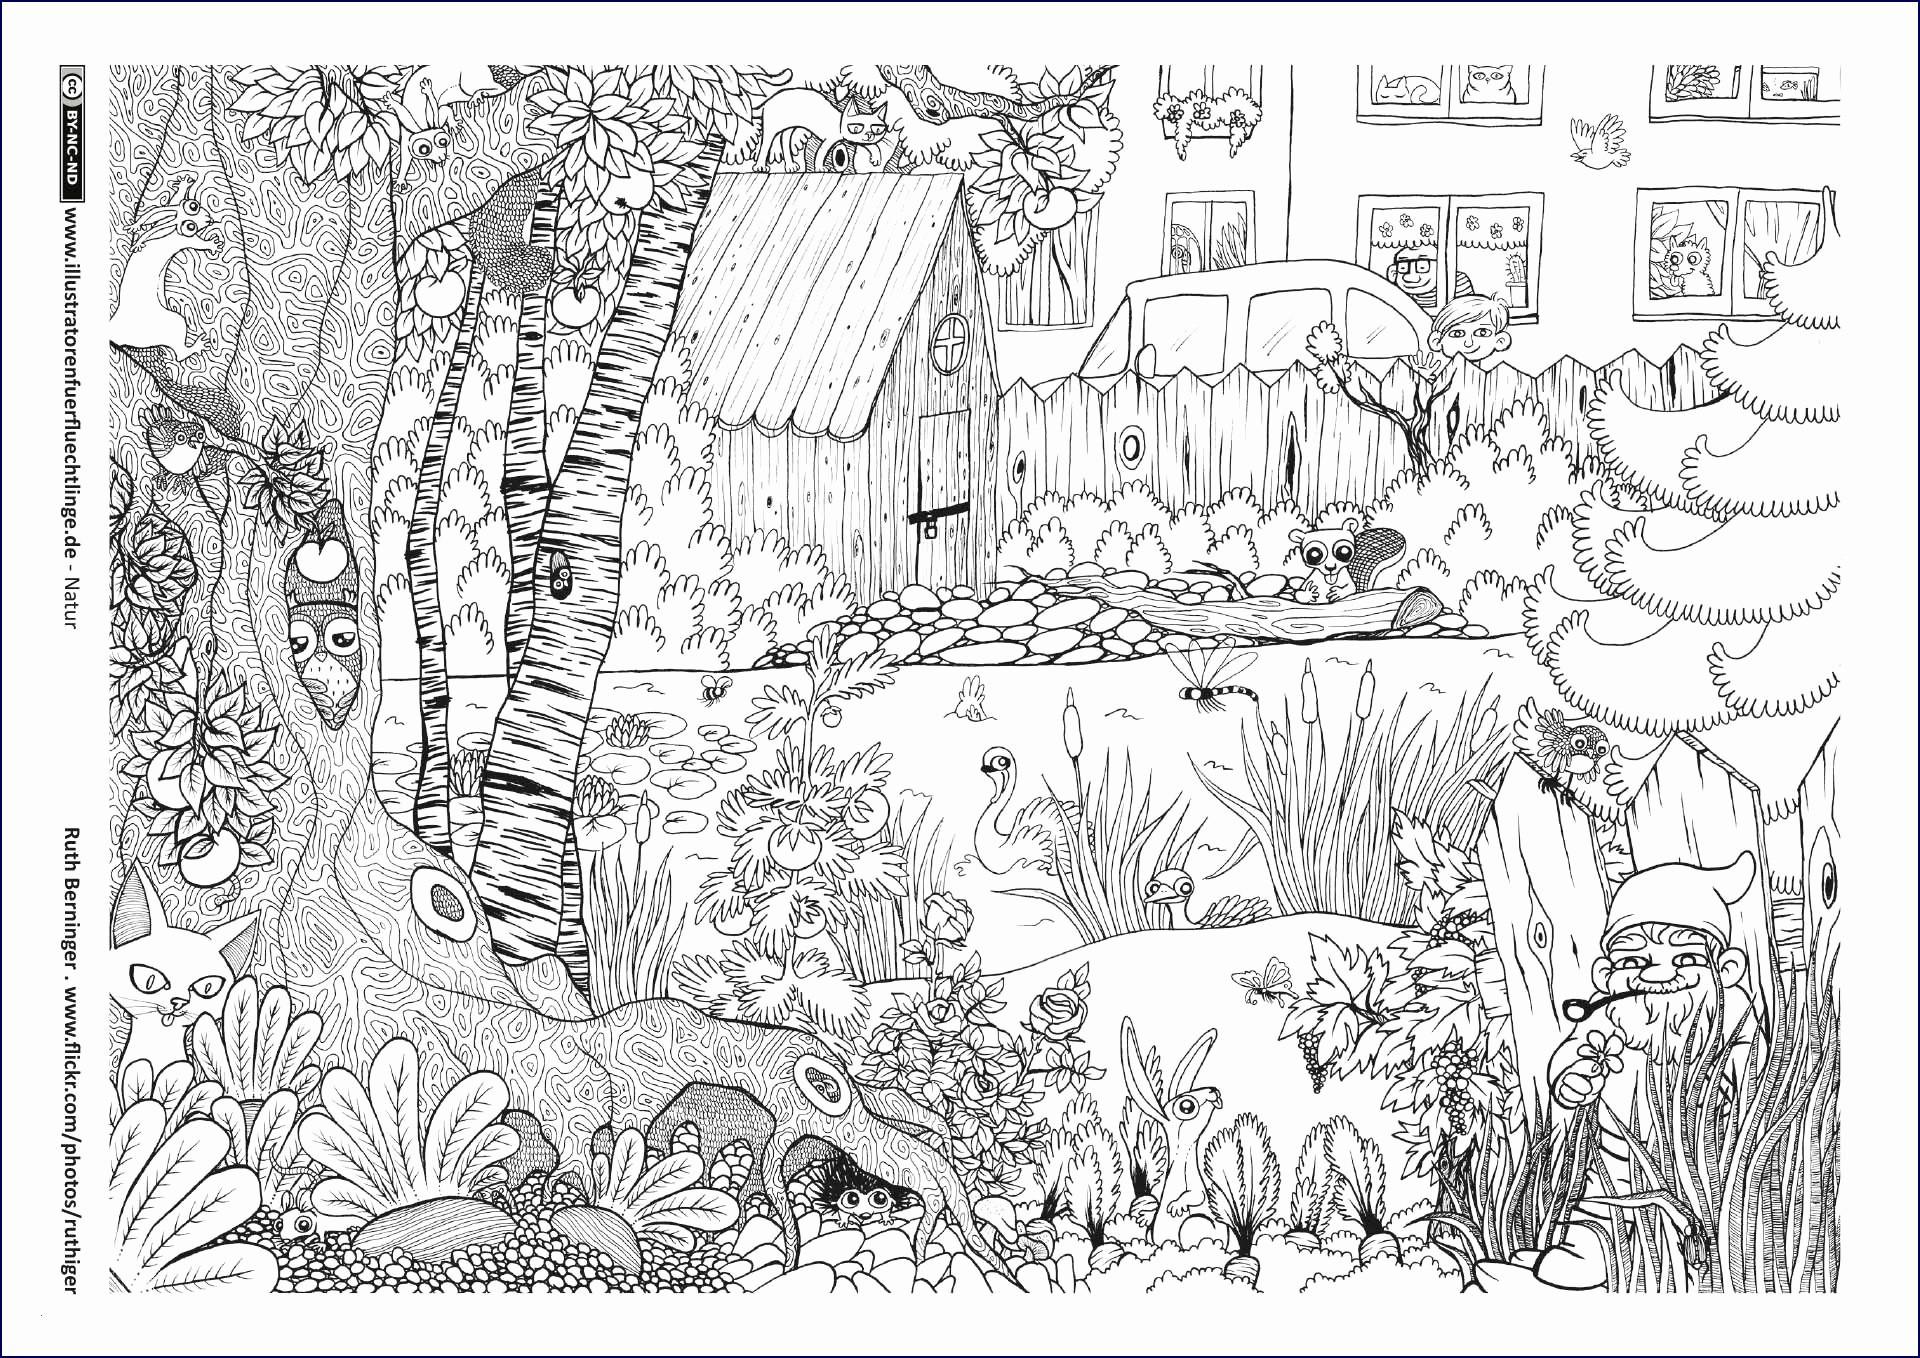 Ausmalbilder Natur Inspirierend Tiere Mit X Am Anfang Neu Neues Ausmalbilder Natur Kankou Bild